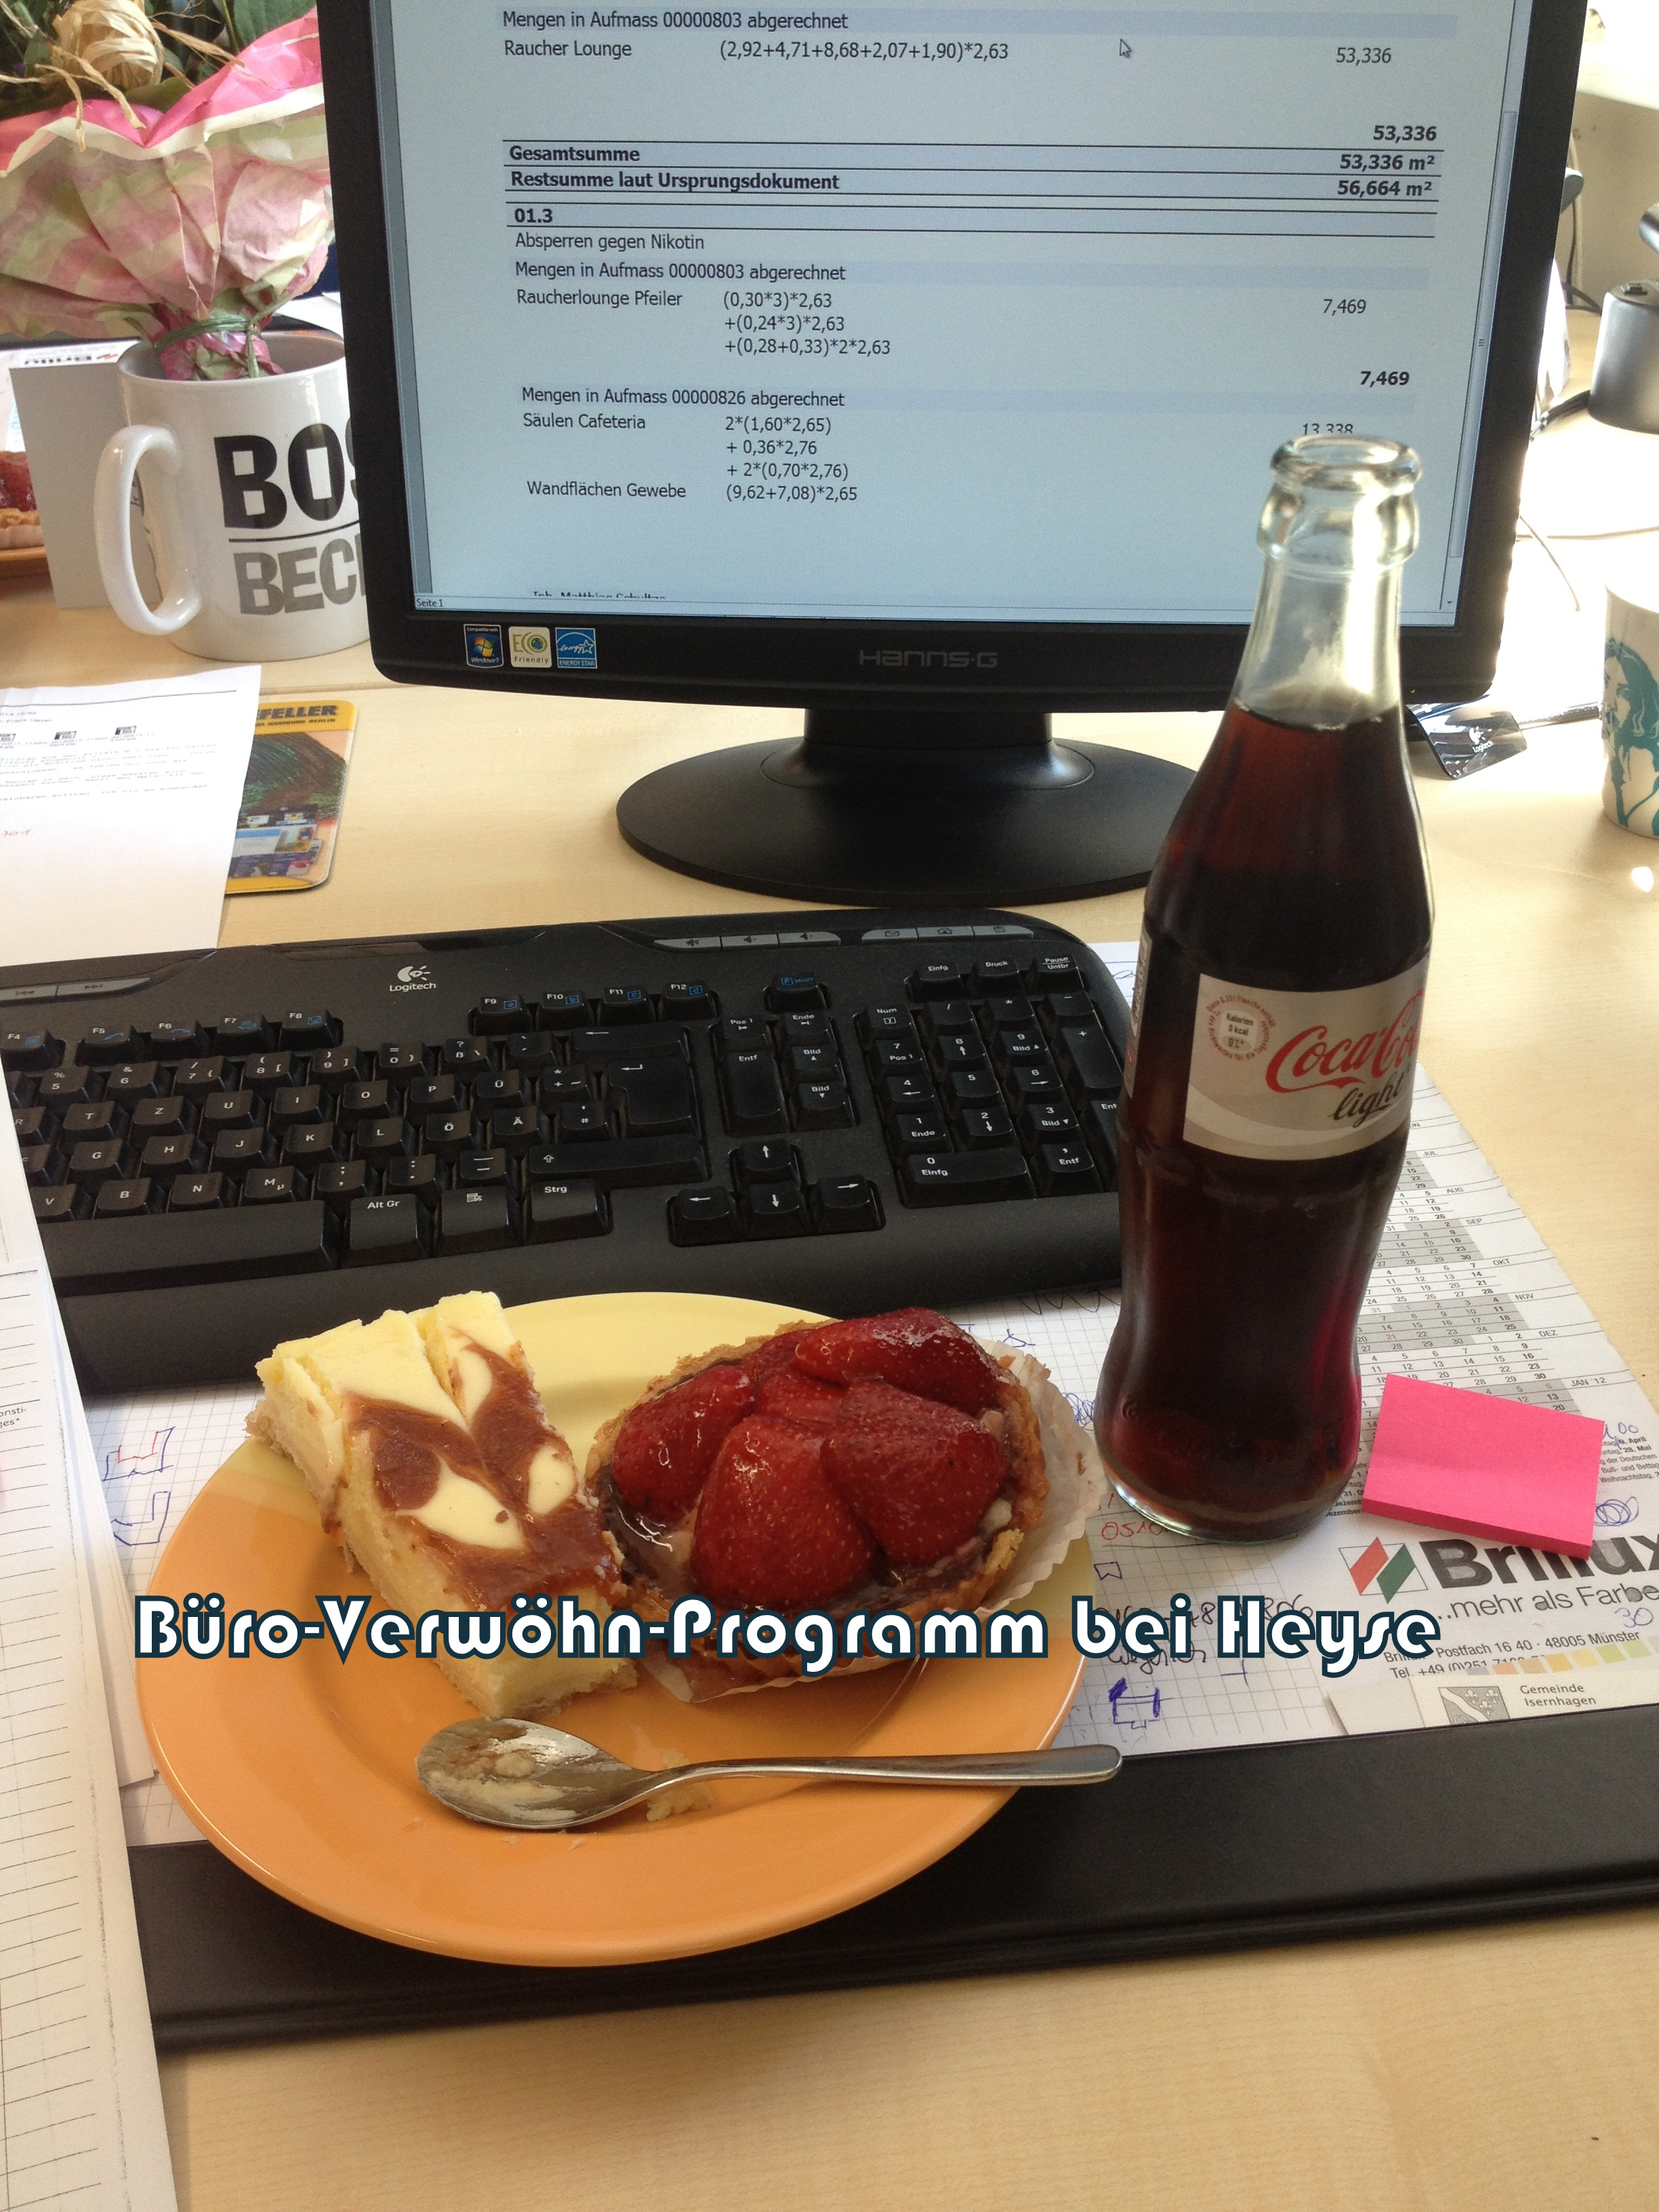 Büroservice Maler Heyse - Kuchen, Cola, coole Köpfe